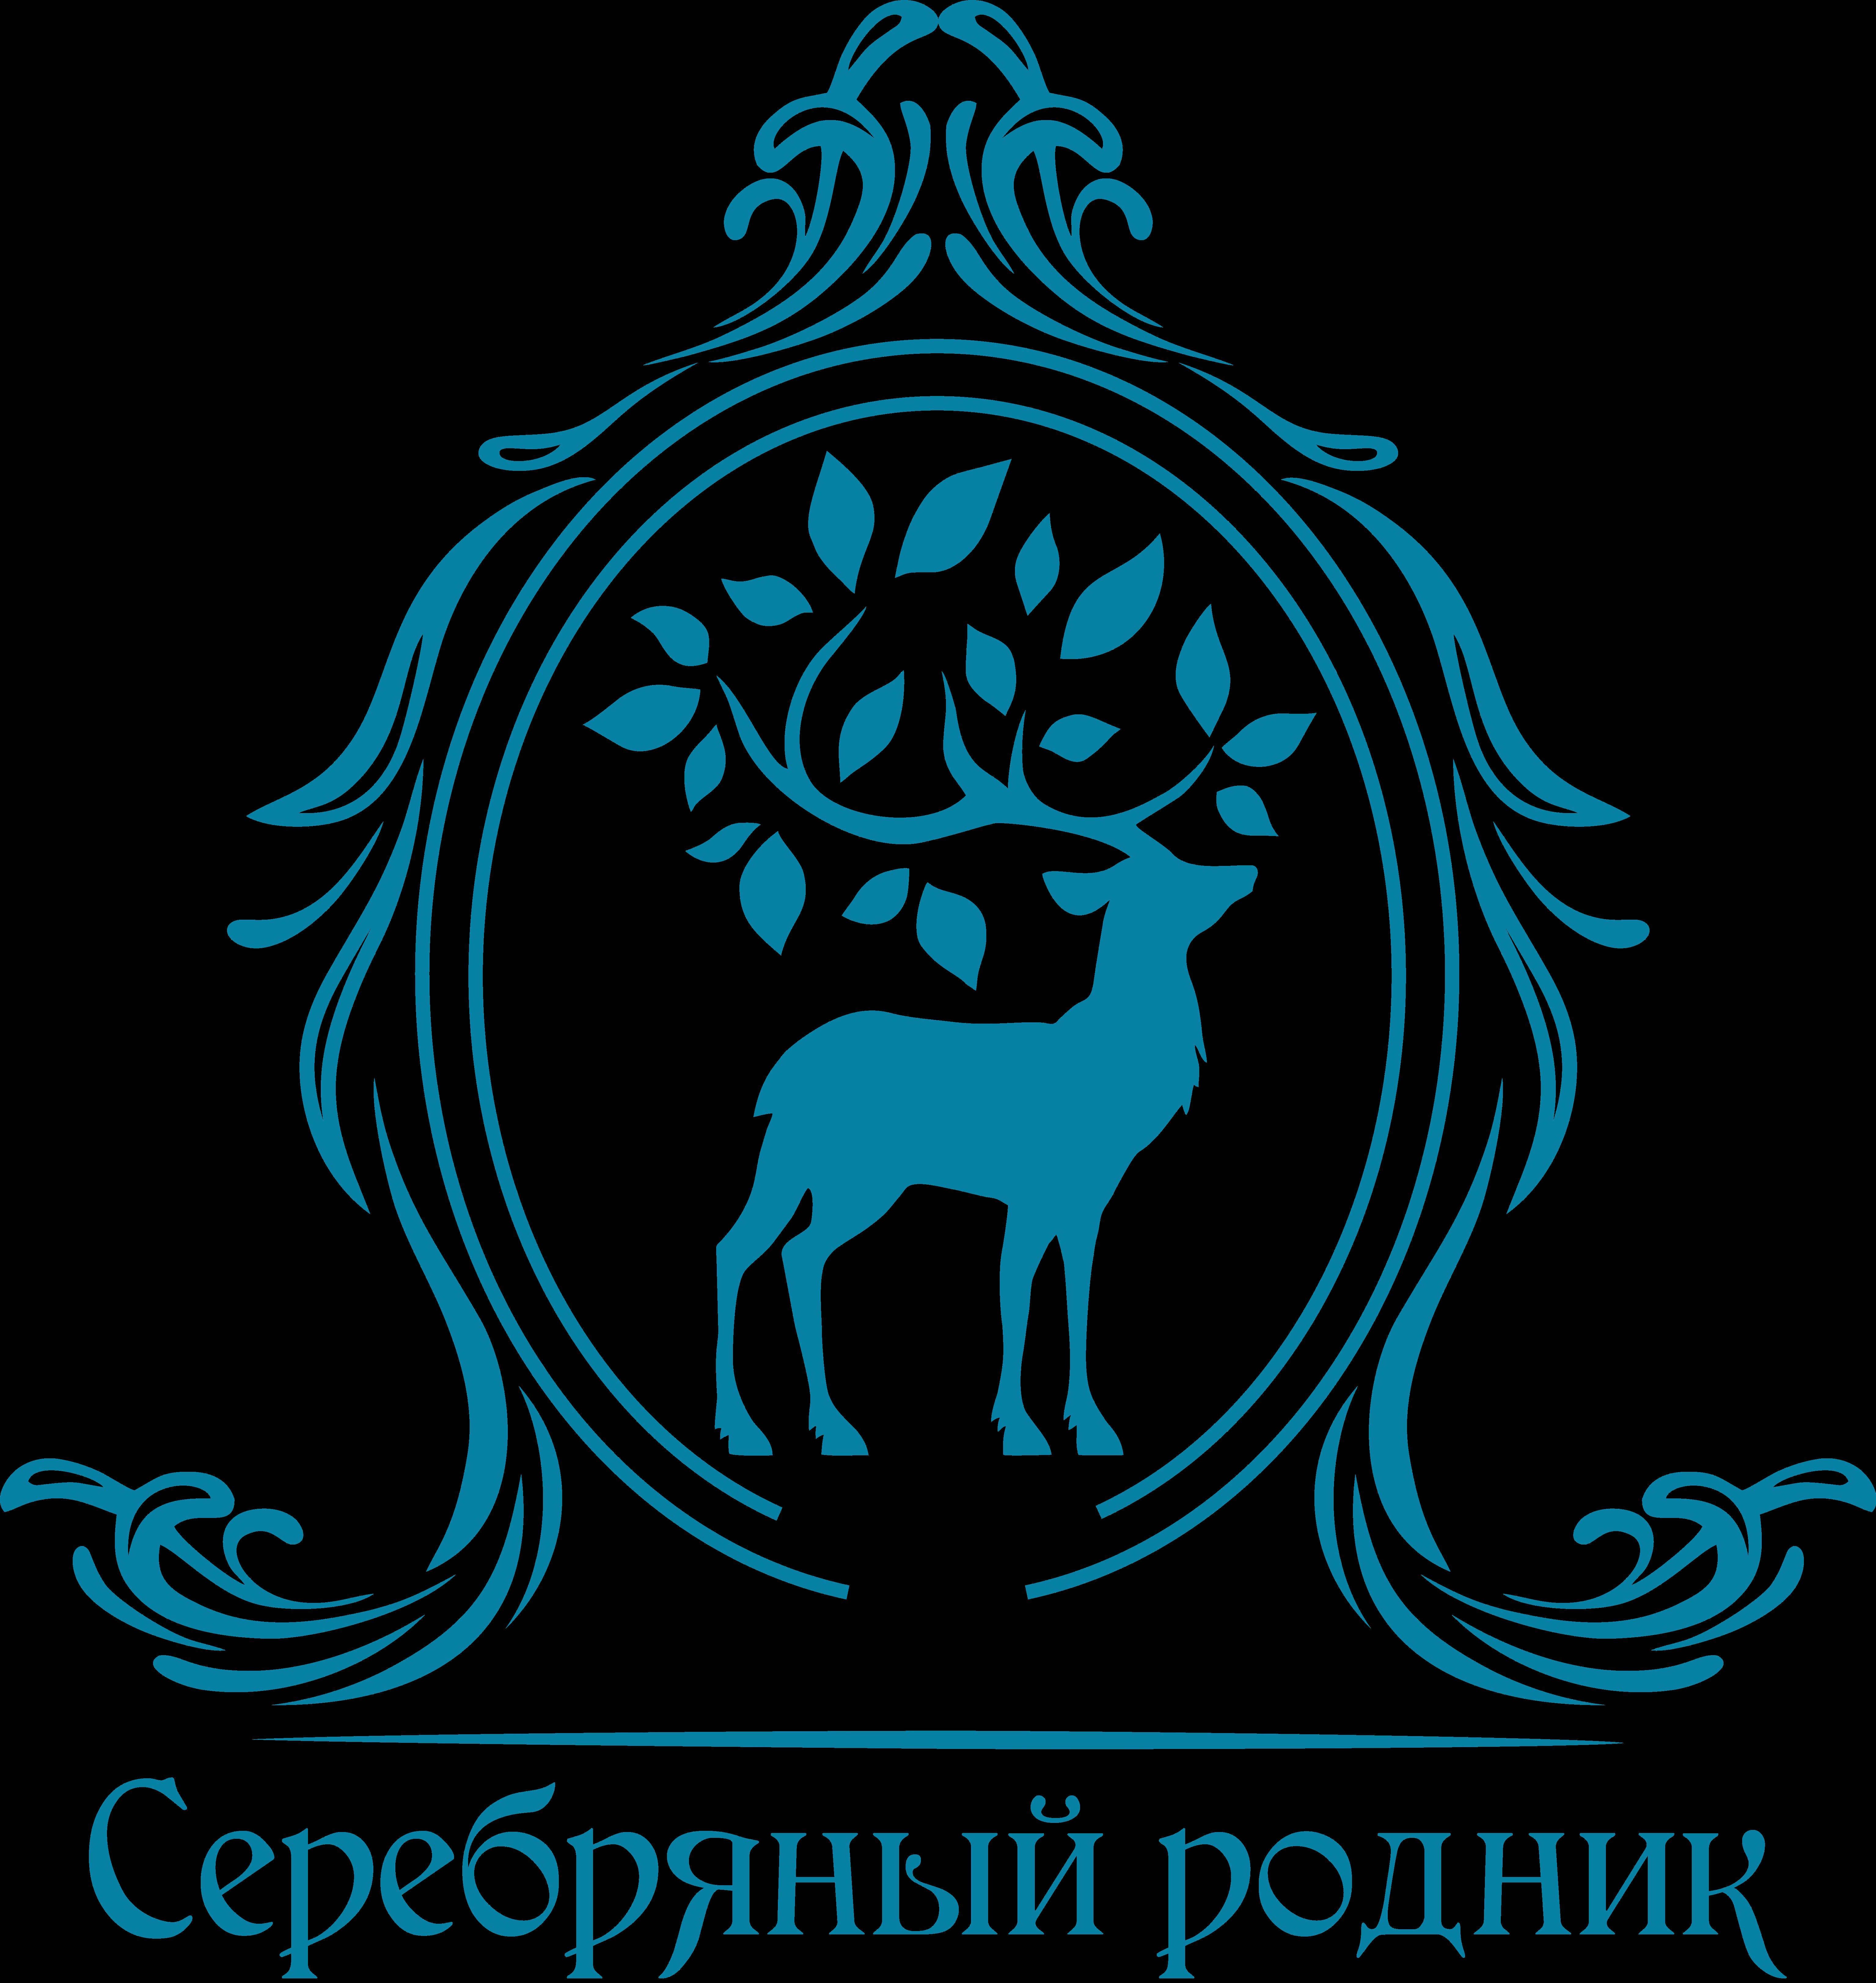 Логототип Серебряный родник